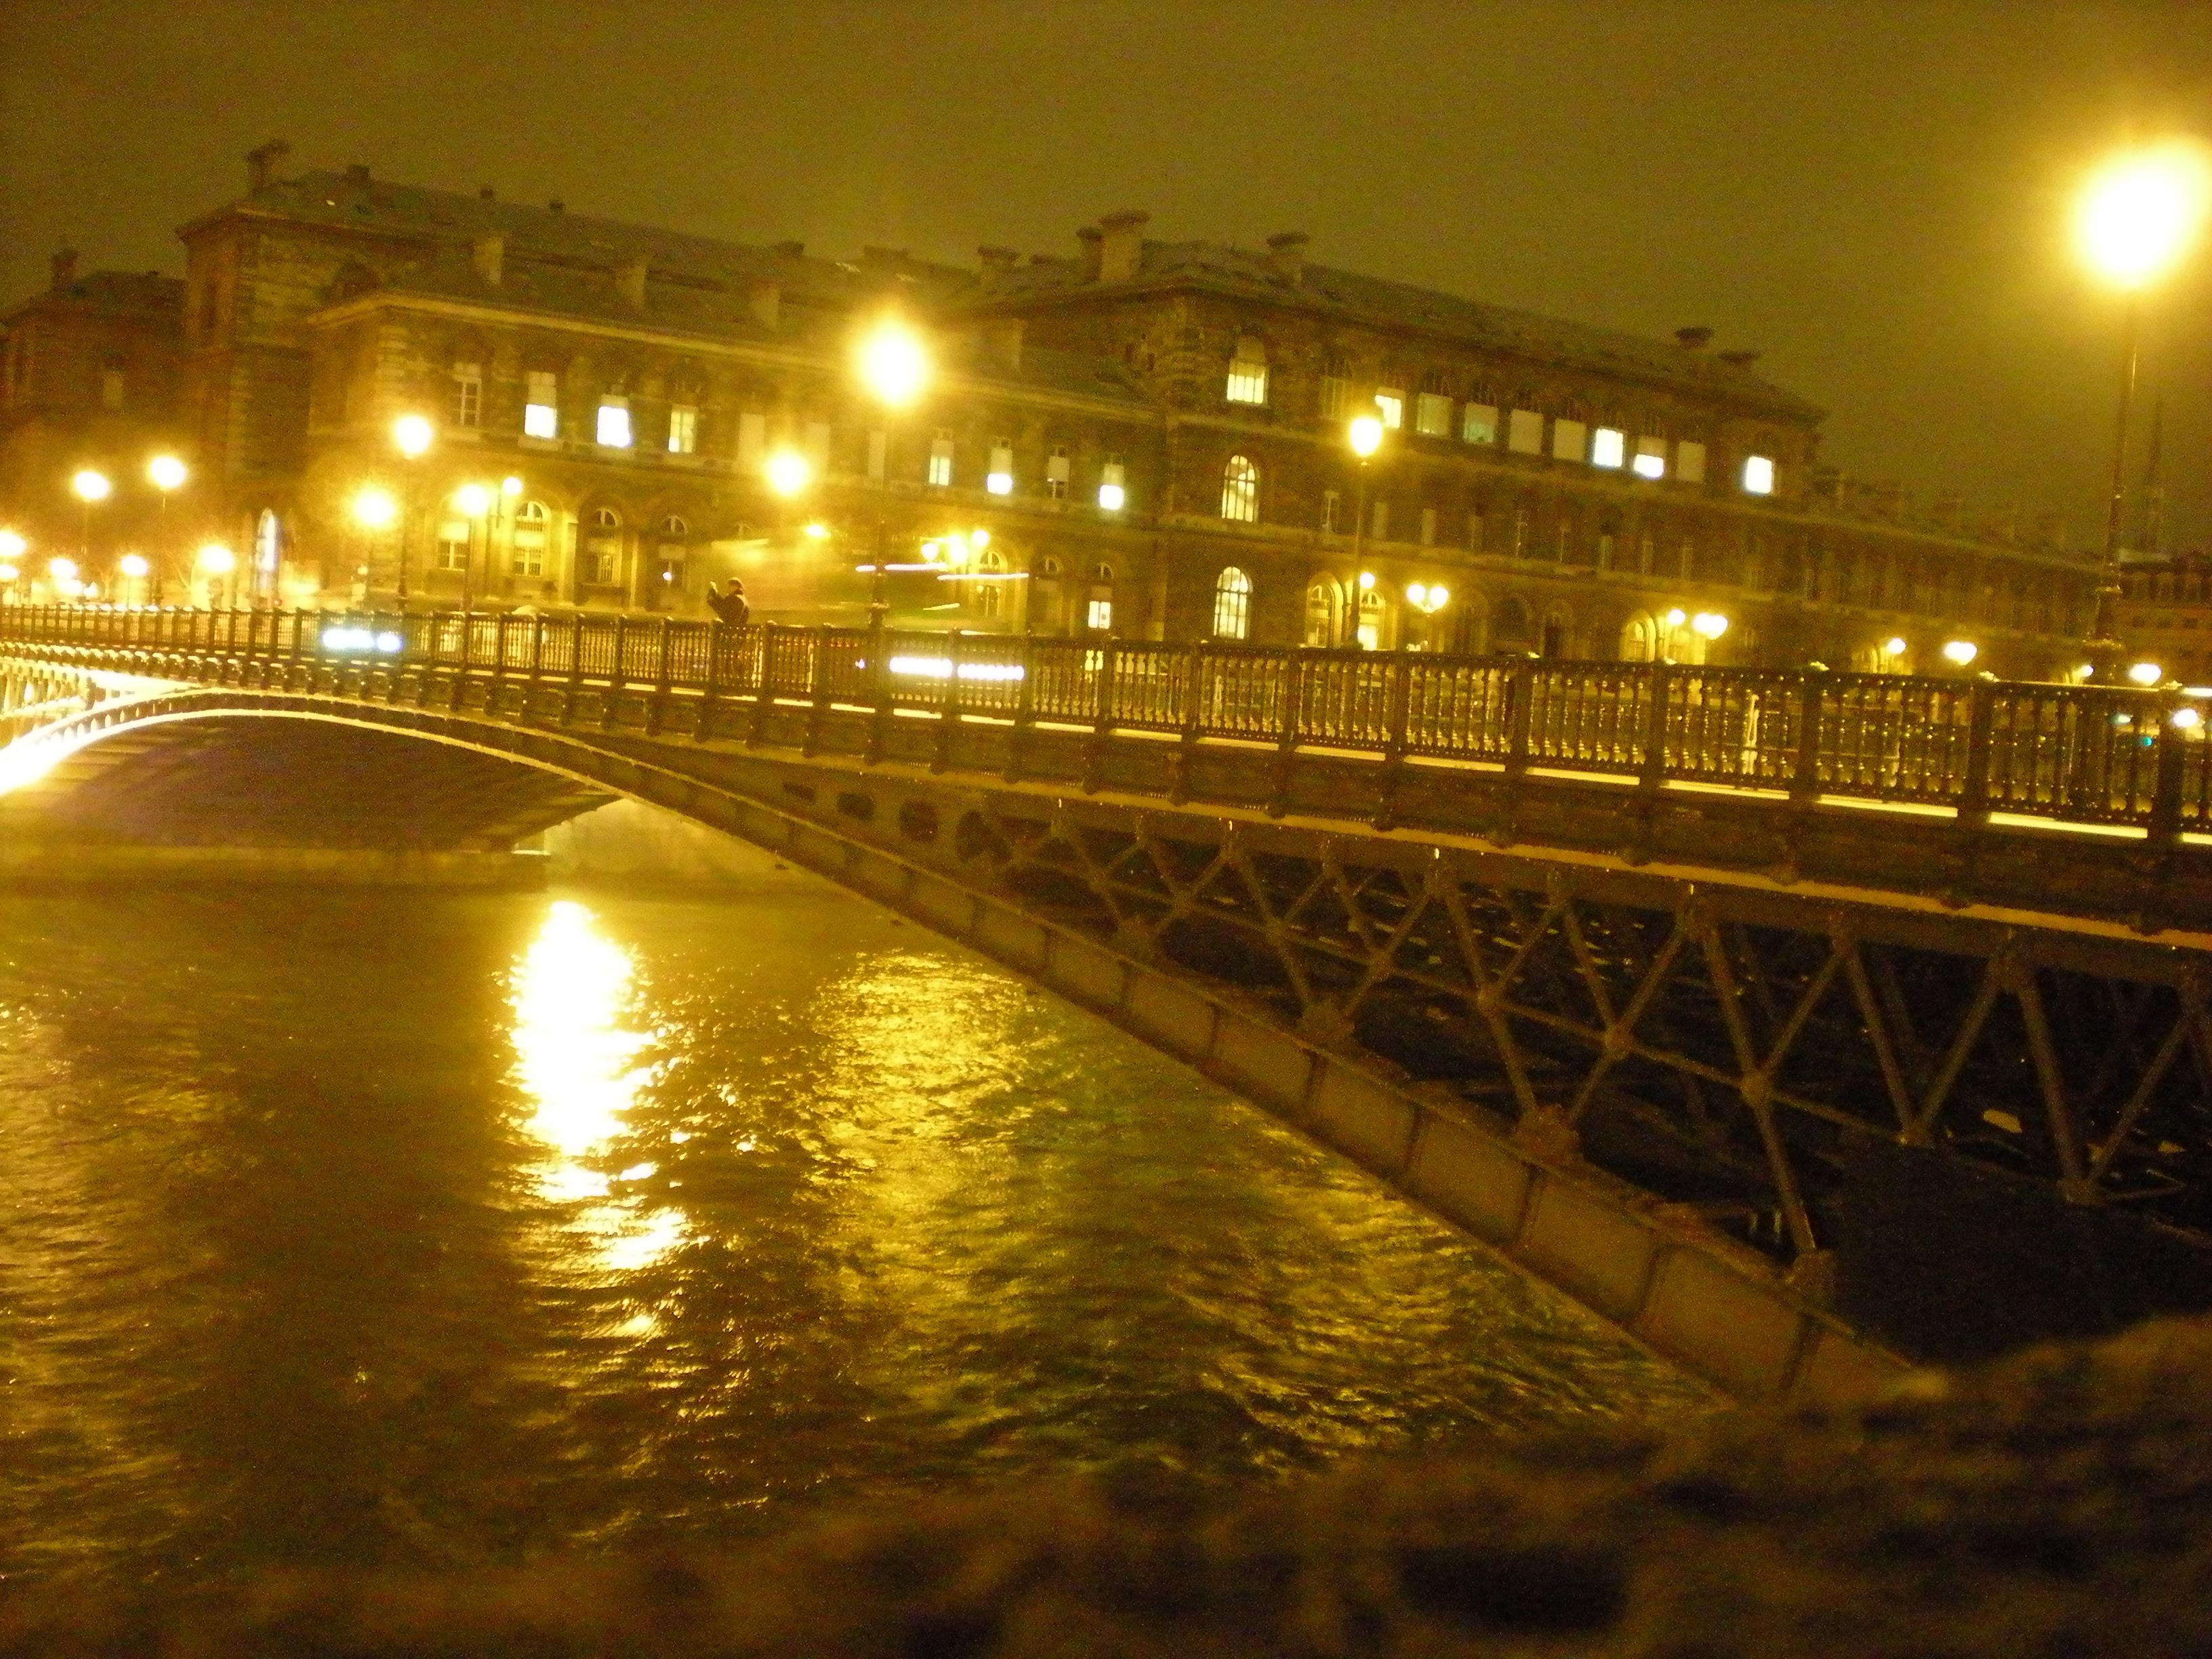 Une nuit paris apr s la pluie le beau tempsapr s la for Une nuit a paris